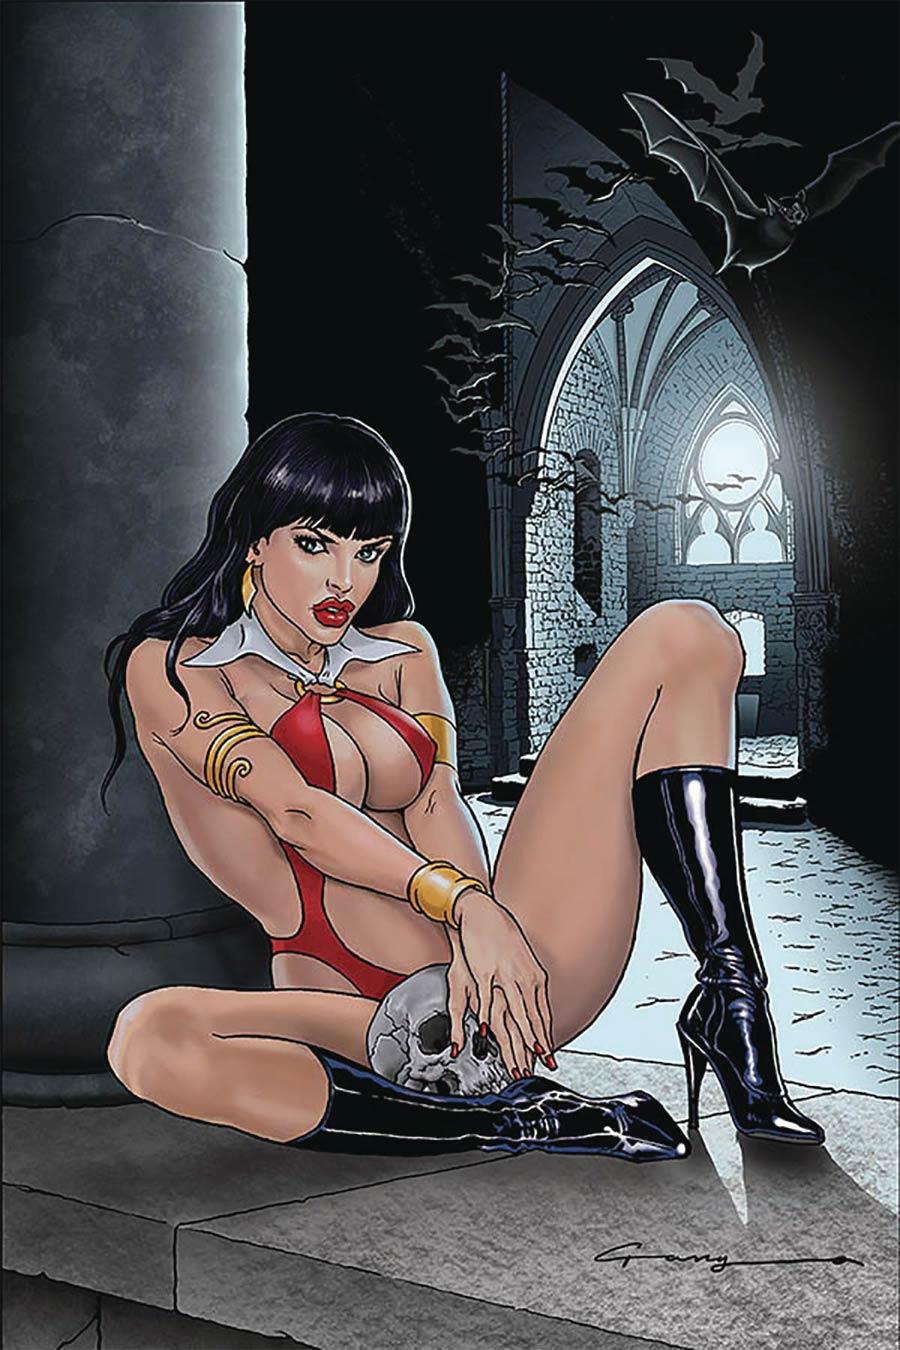 Vampirella Vol 8 #12 Cover W Limited Edition Levend Canga Virgin Cover